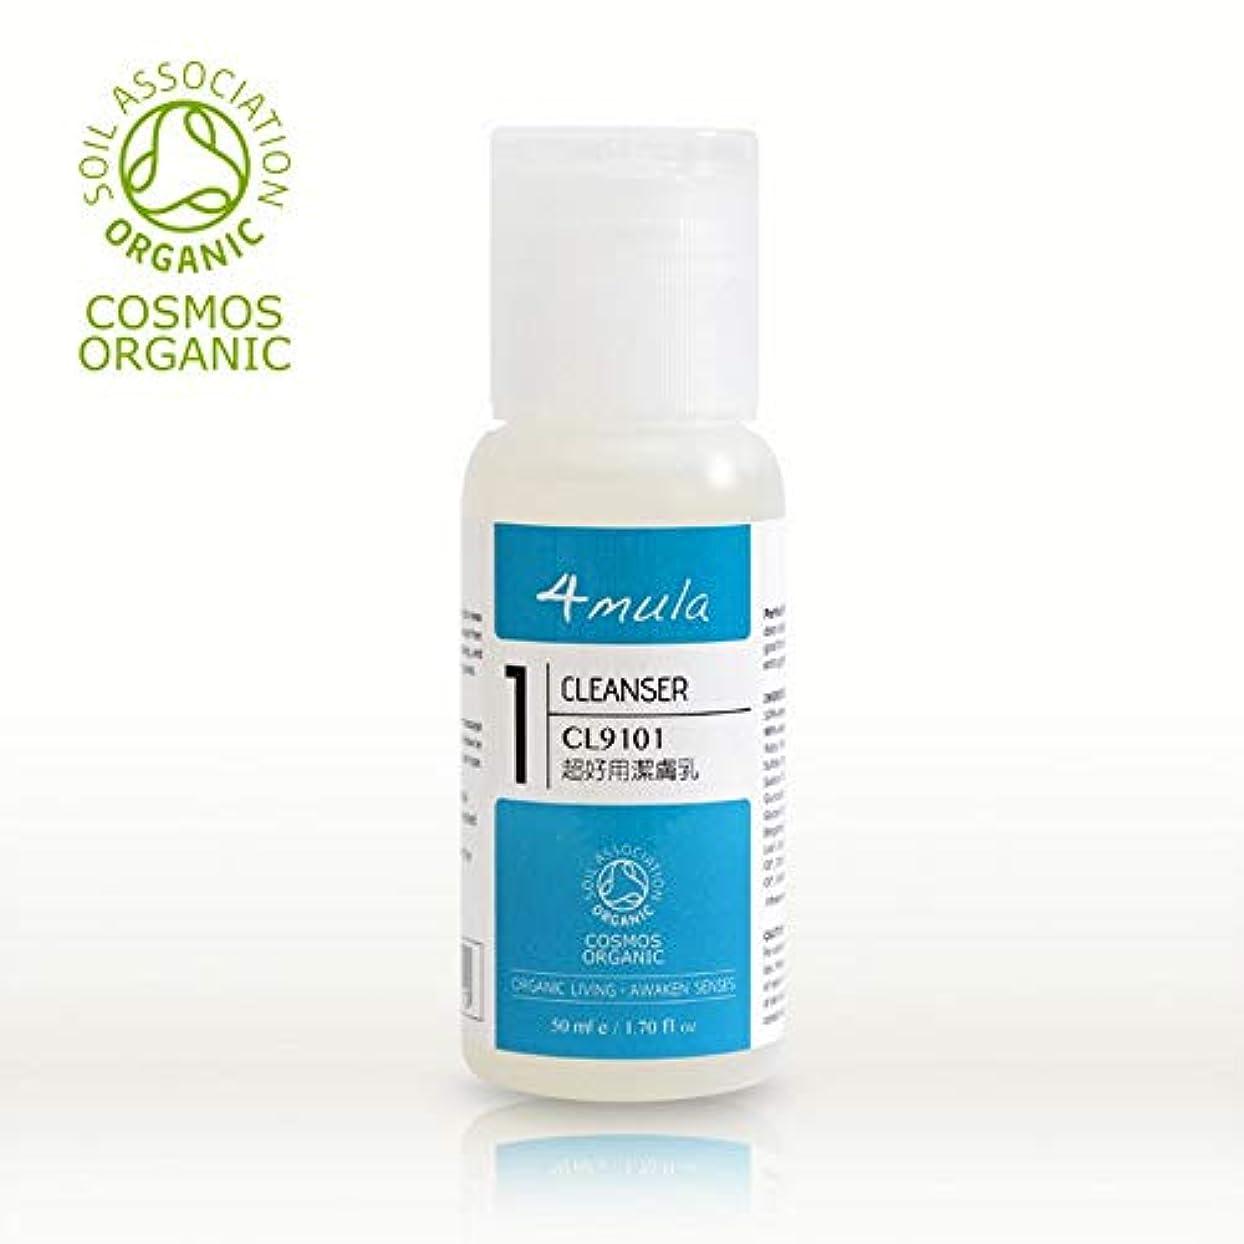 行黒人キャンベラCL9101 超好用潔膚乳 PERFECT WASH CL9101 50ml/1.70 fl oz